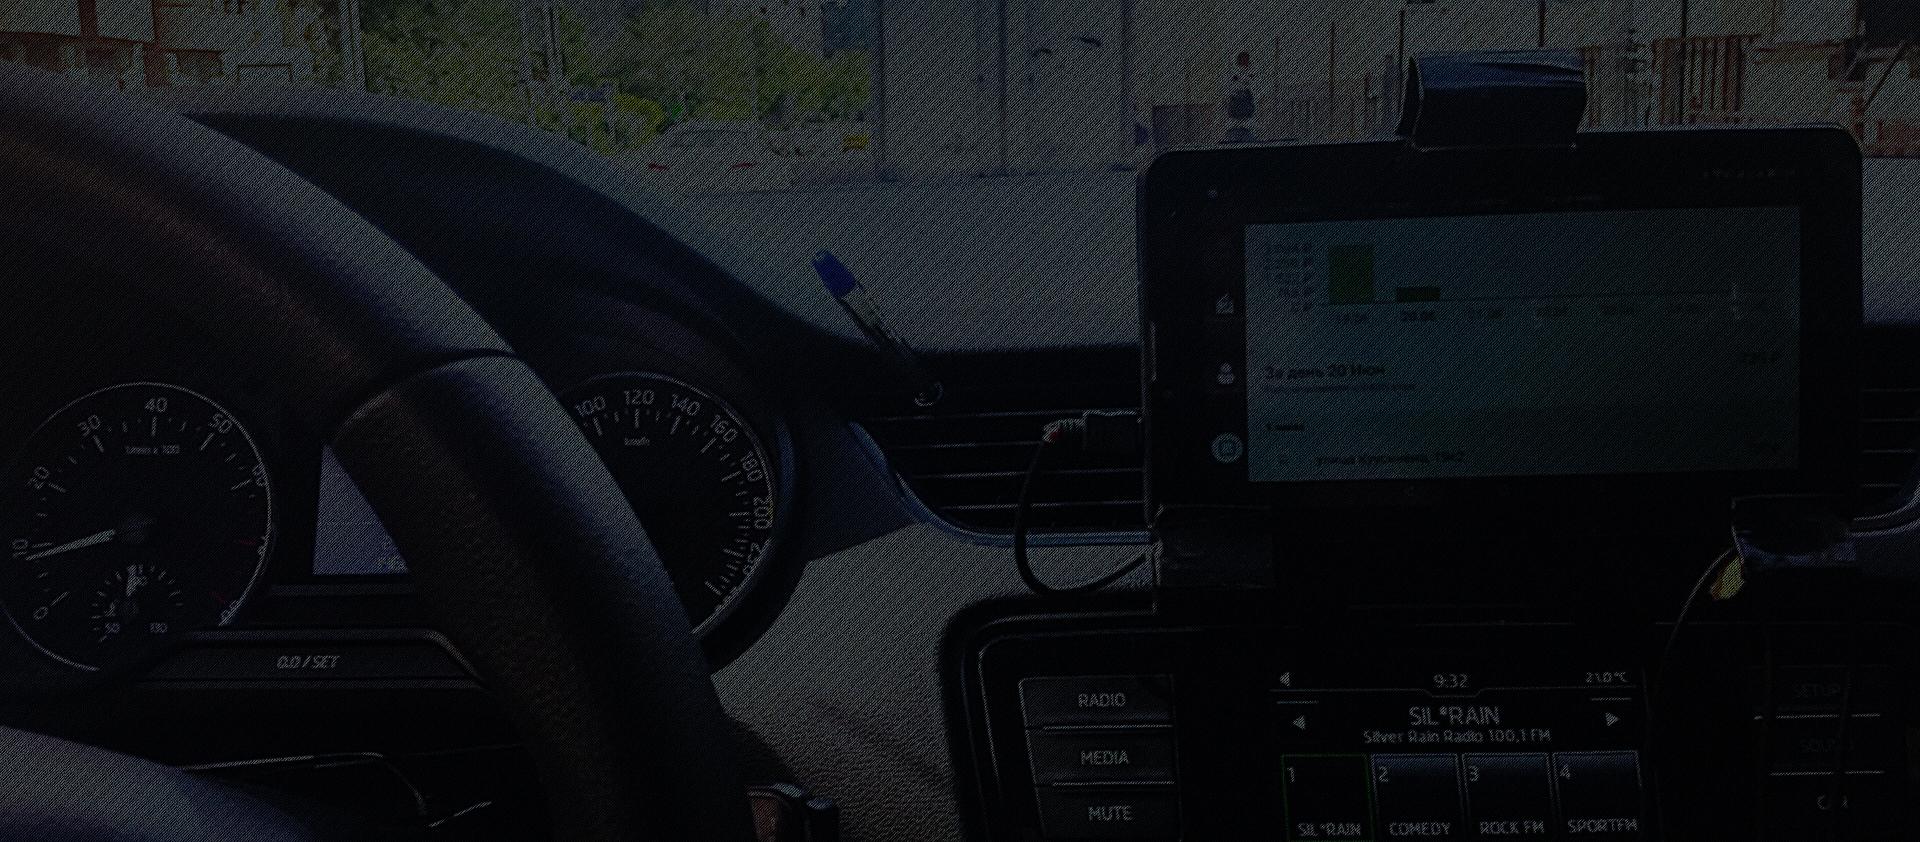 Яндекс.таксометр как работает